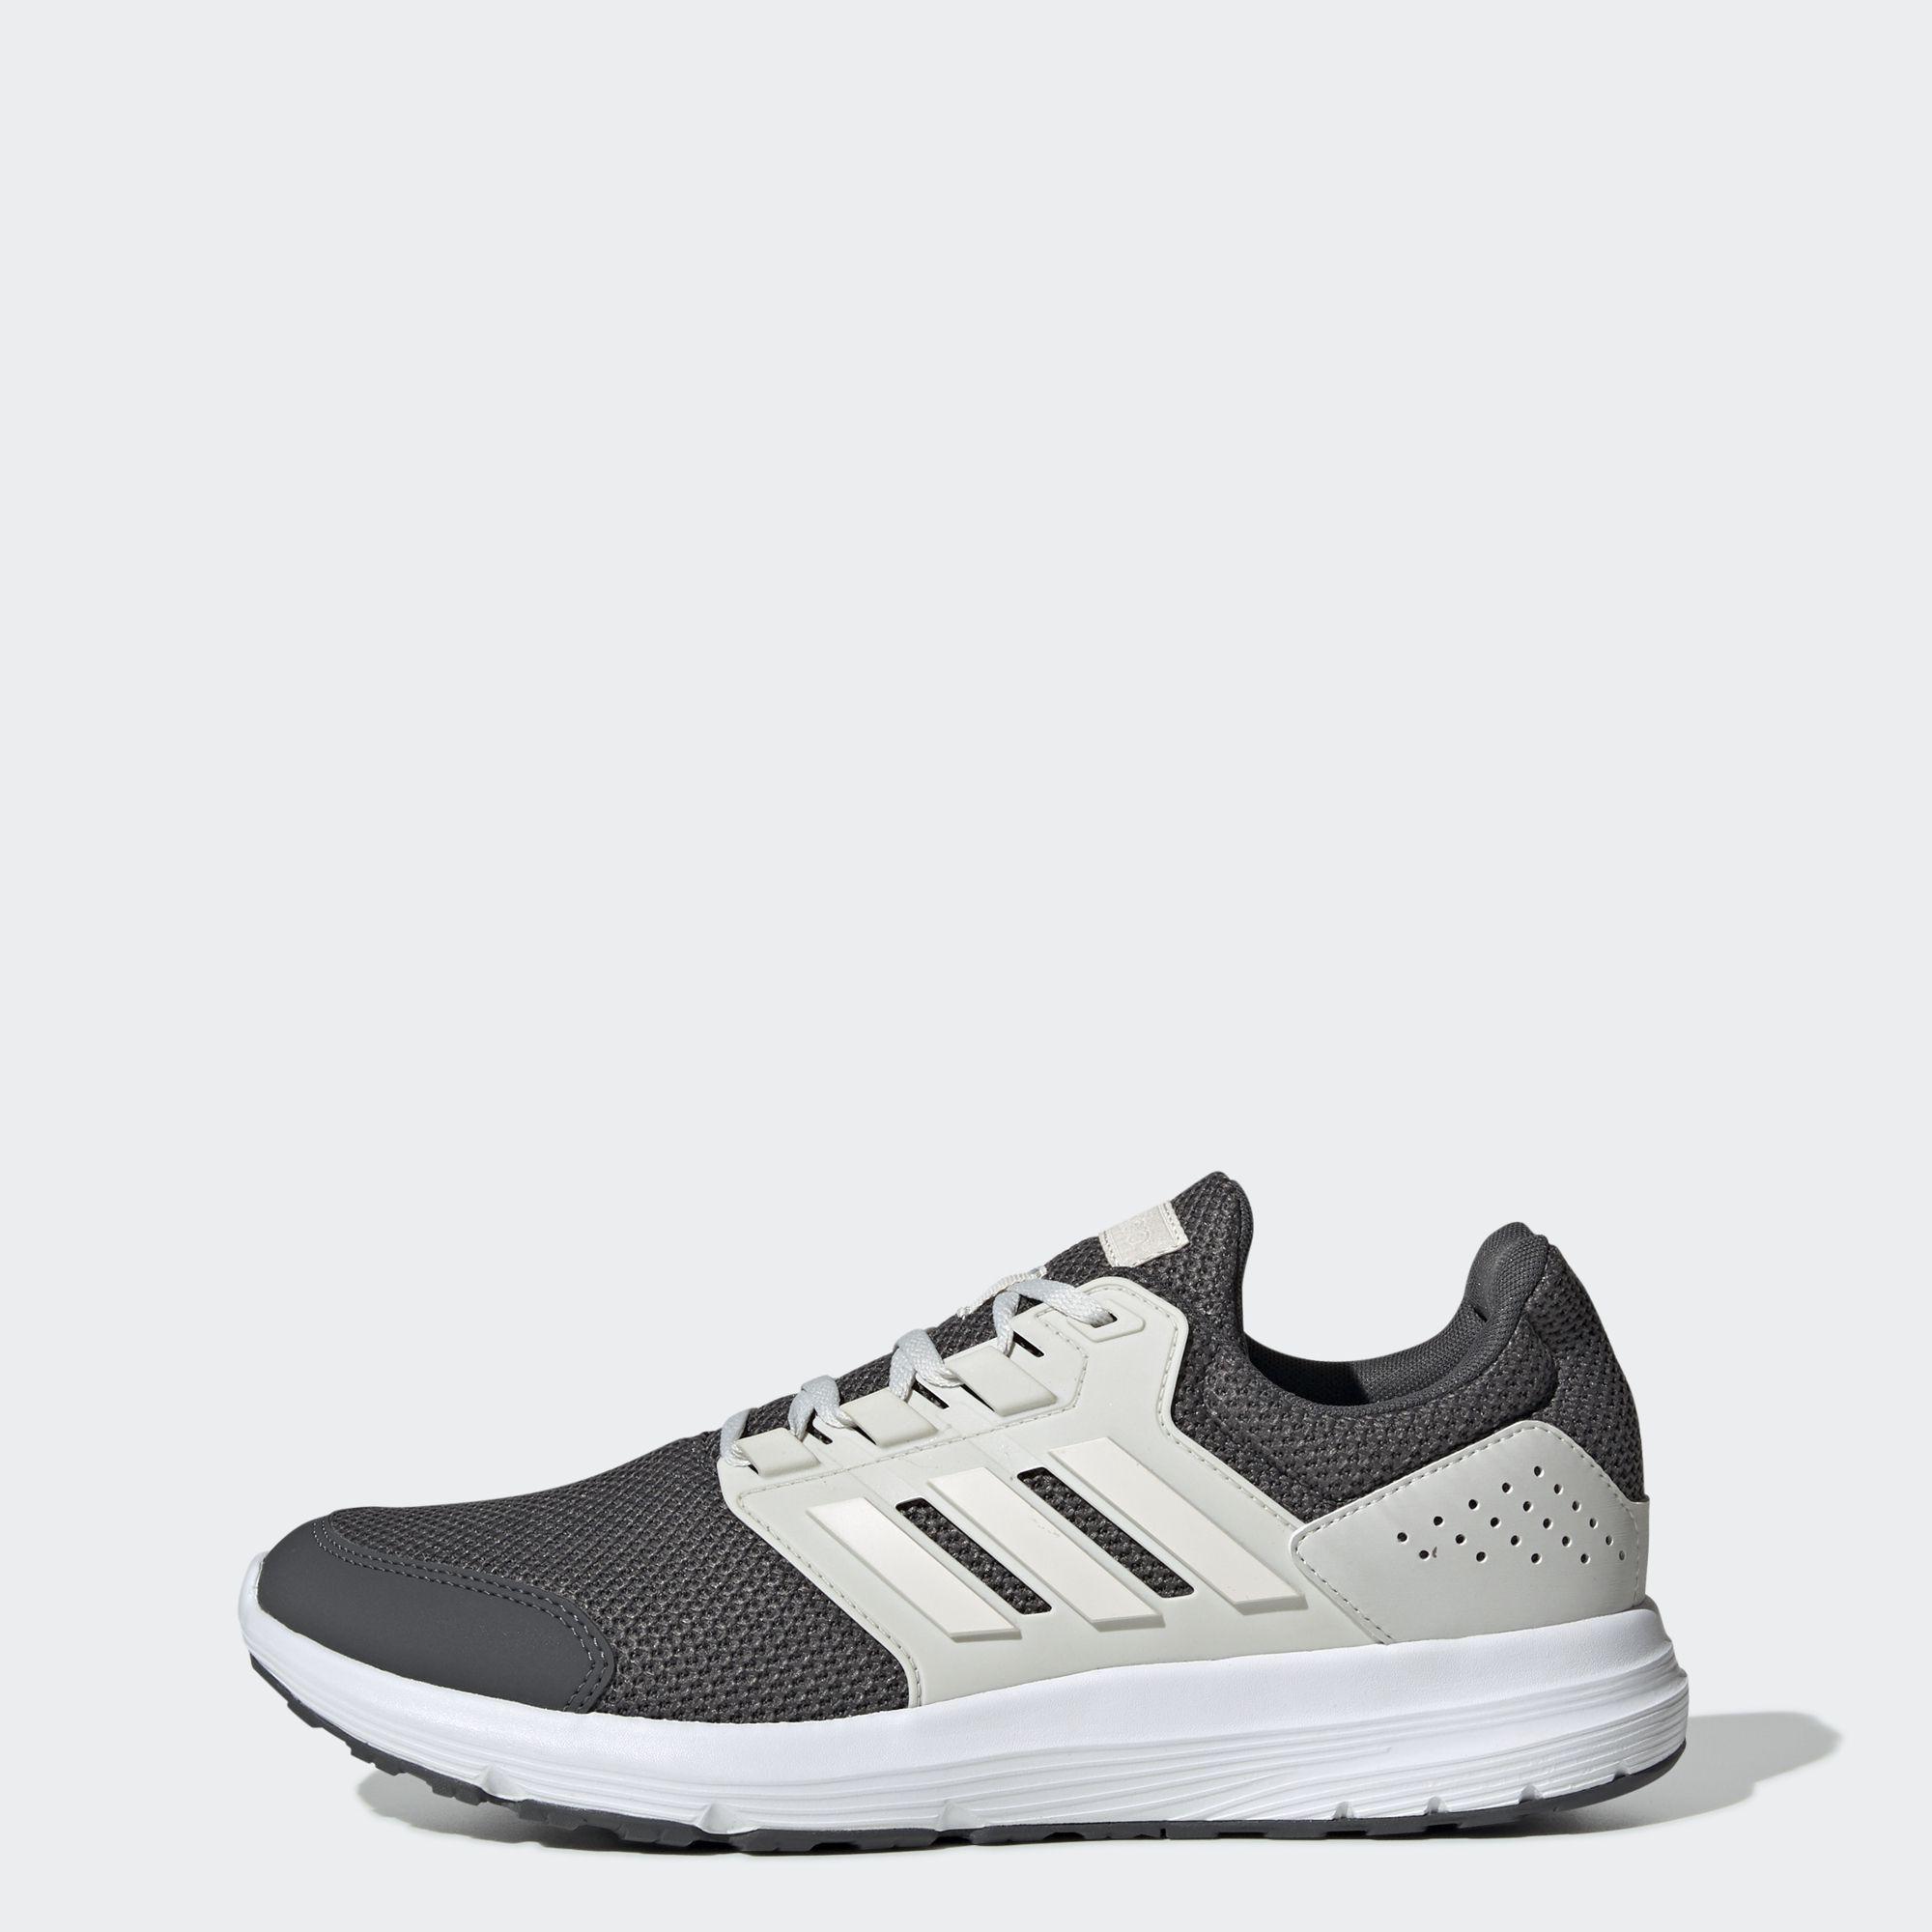 Voucher Ưu Đãi Adidas RUNNING Giày Galaxy 4 Nam Màu Xám EG8378